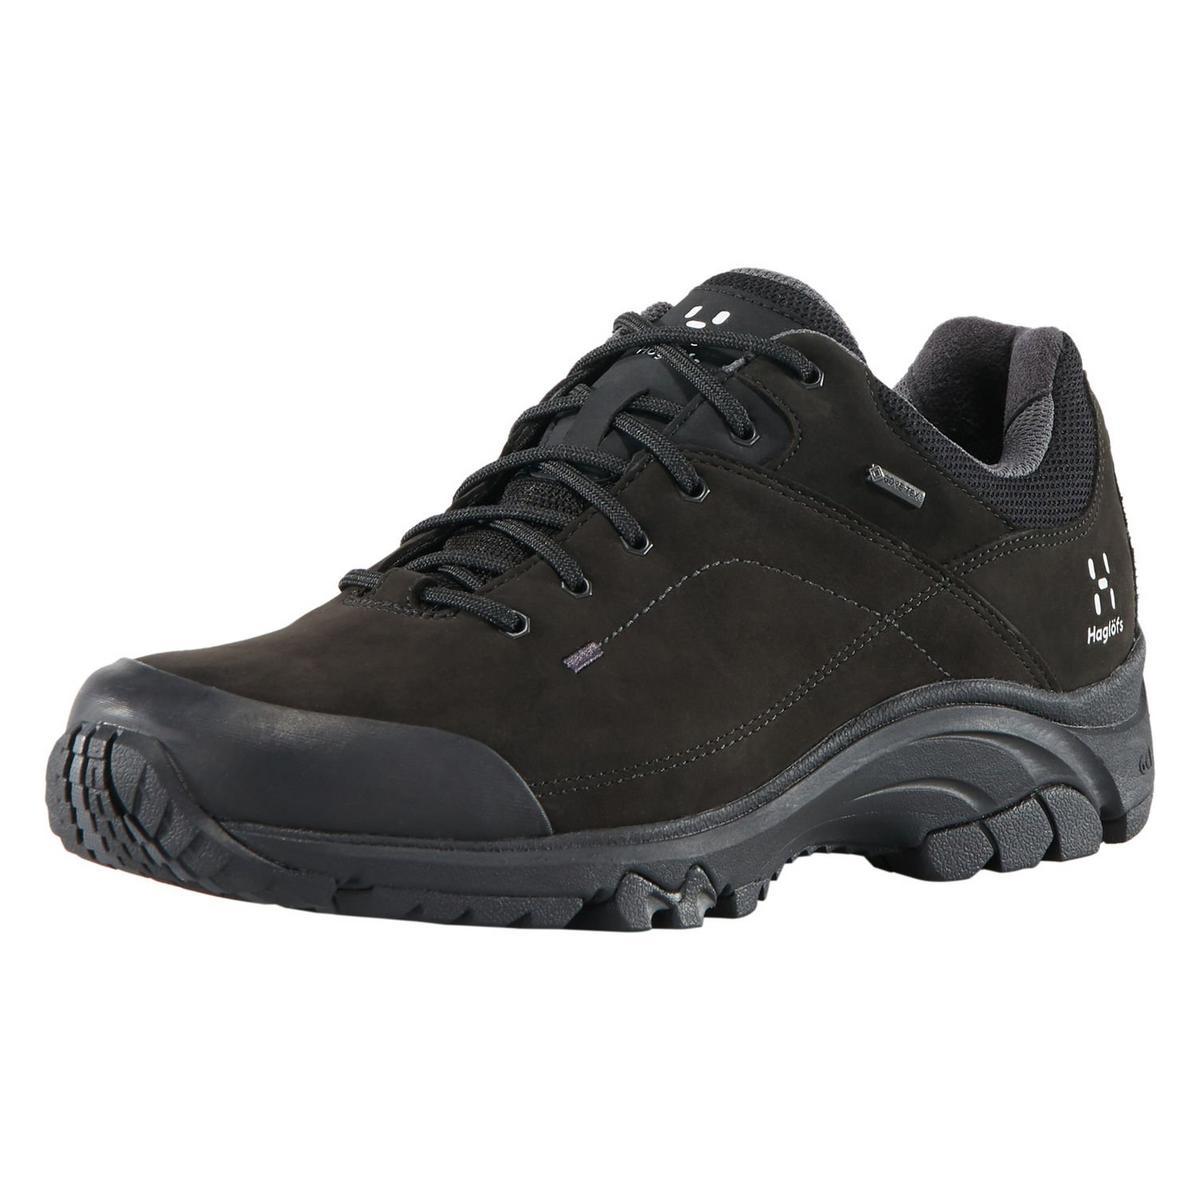 Haglofs Men's Ridge II GT Walking Shoe